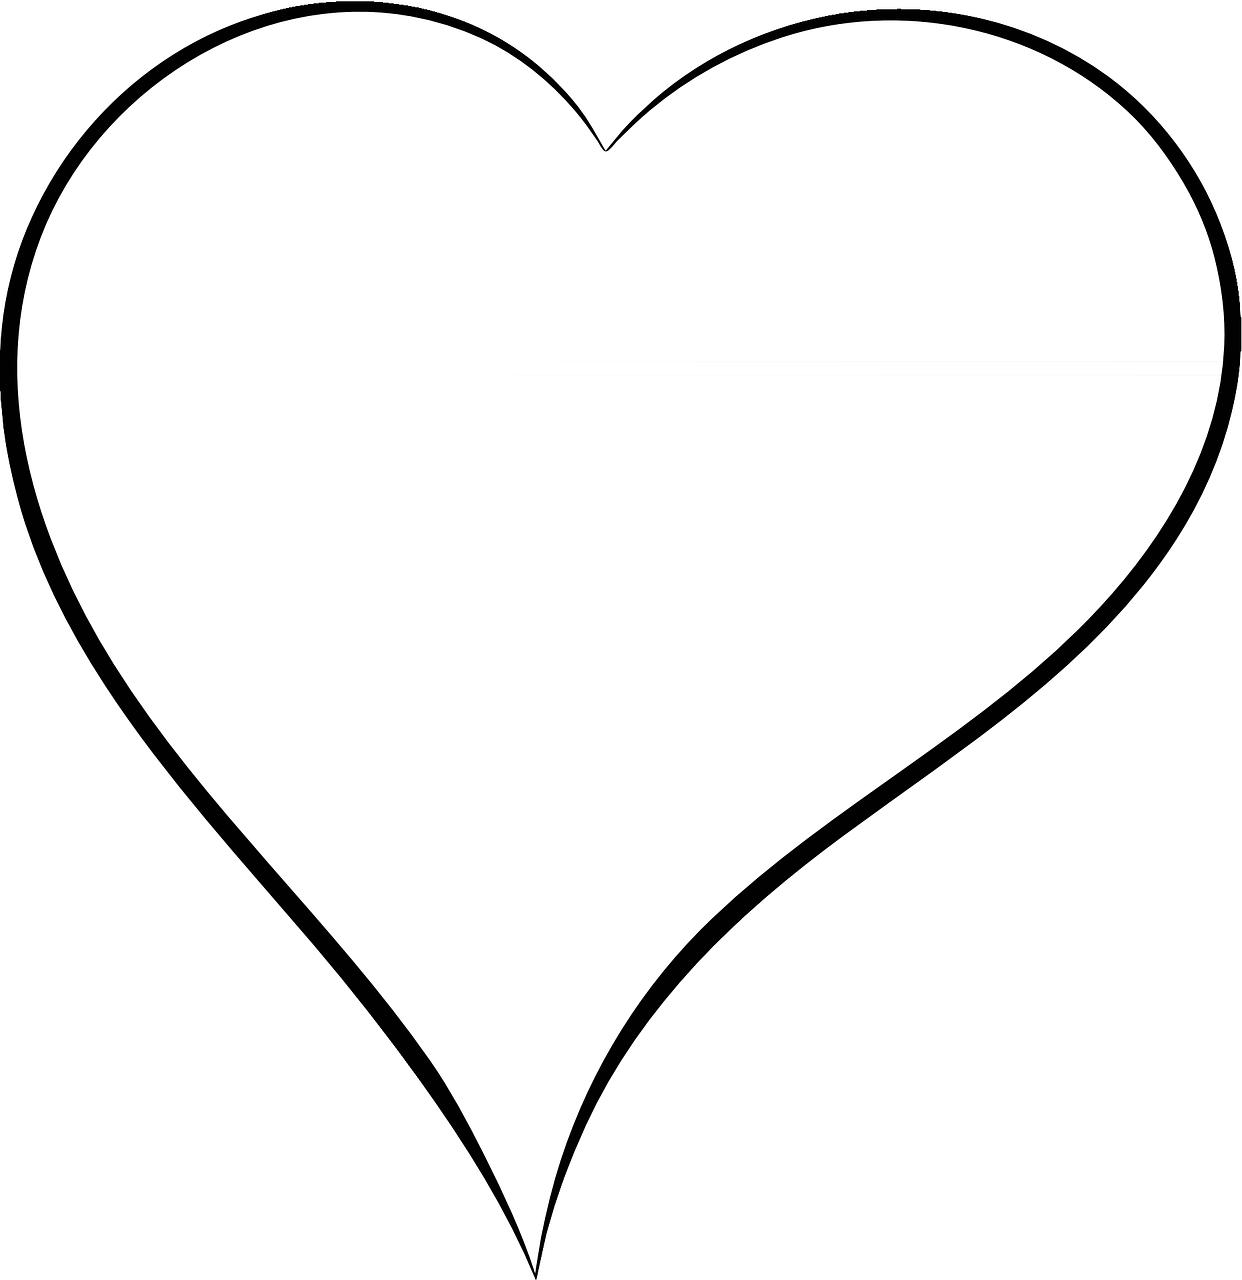 Herz Valentine Liebe Kostenlose Vektorgrafik Auf Pixabay Malvorlagen Herz Vorlage Herz Malvorlage